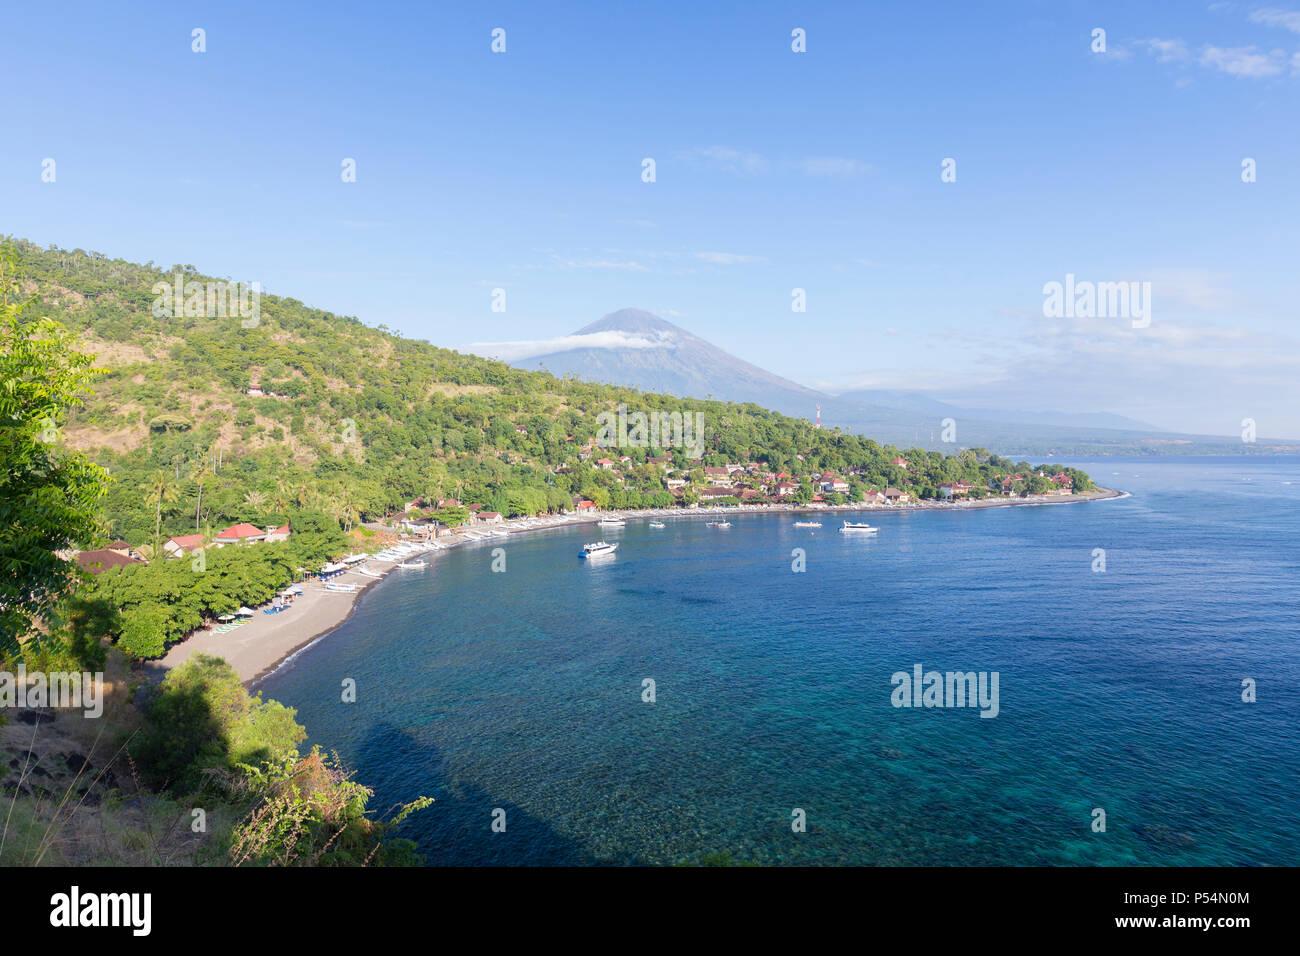 Amed beach con el volcán Agung en el fondo, Bali, Indonesia Imagen De Stock